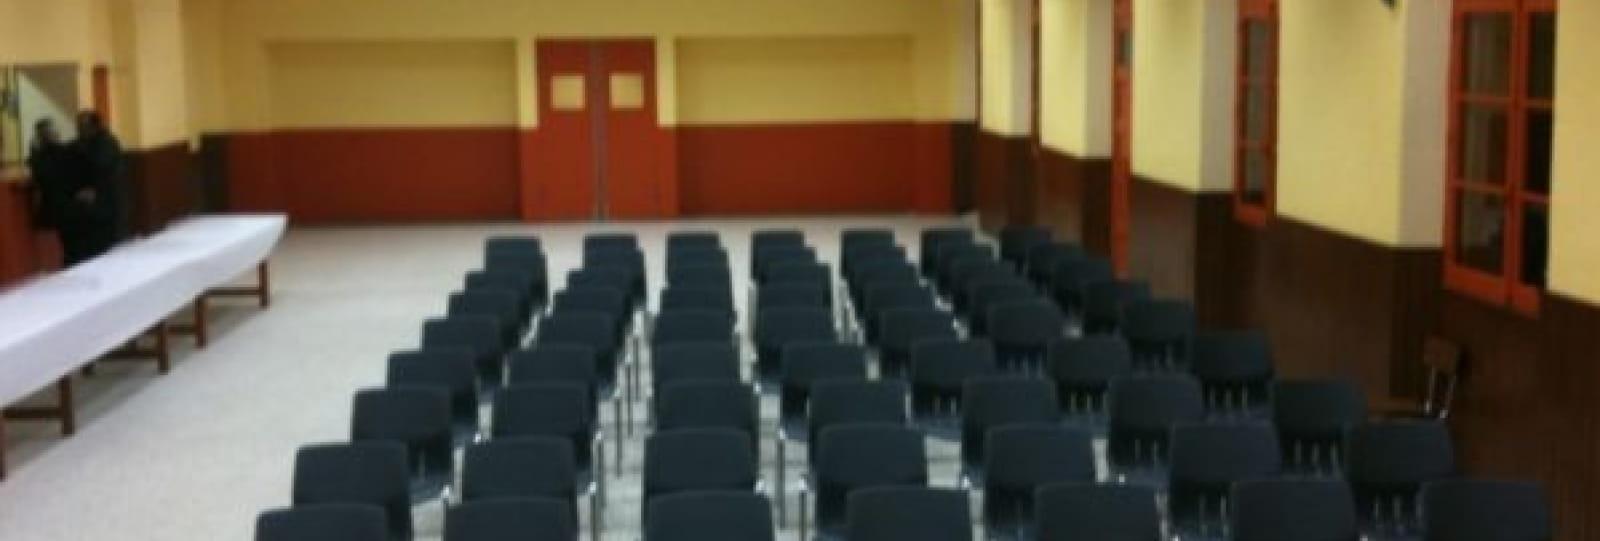 Salle des Fêtes d'Hostun